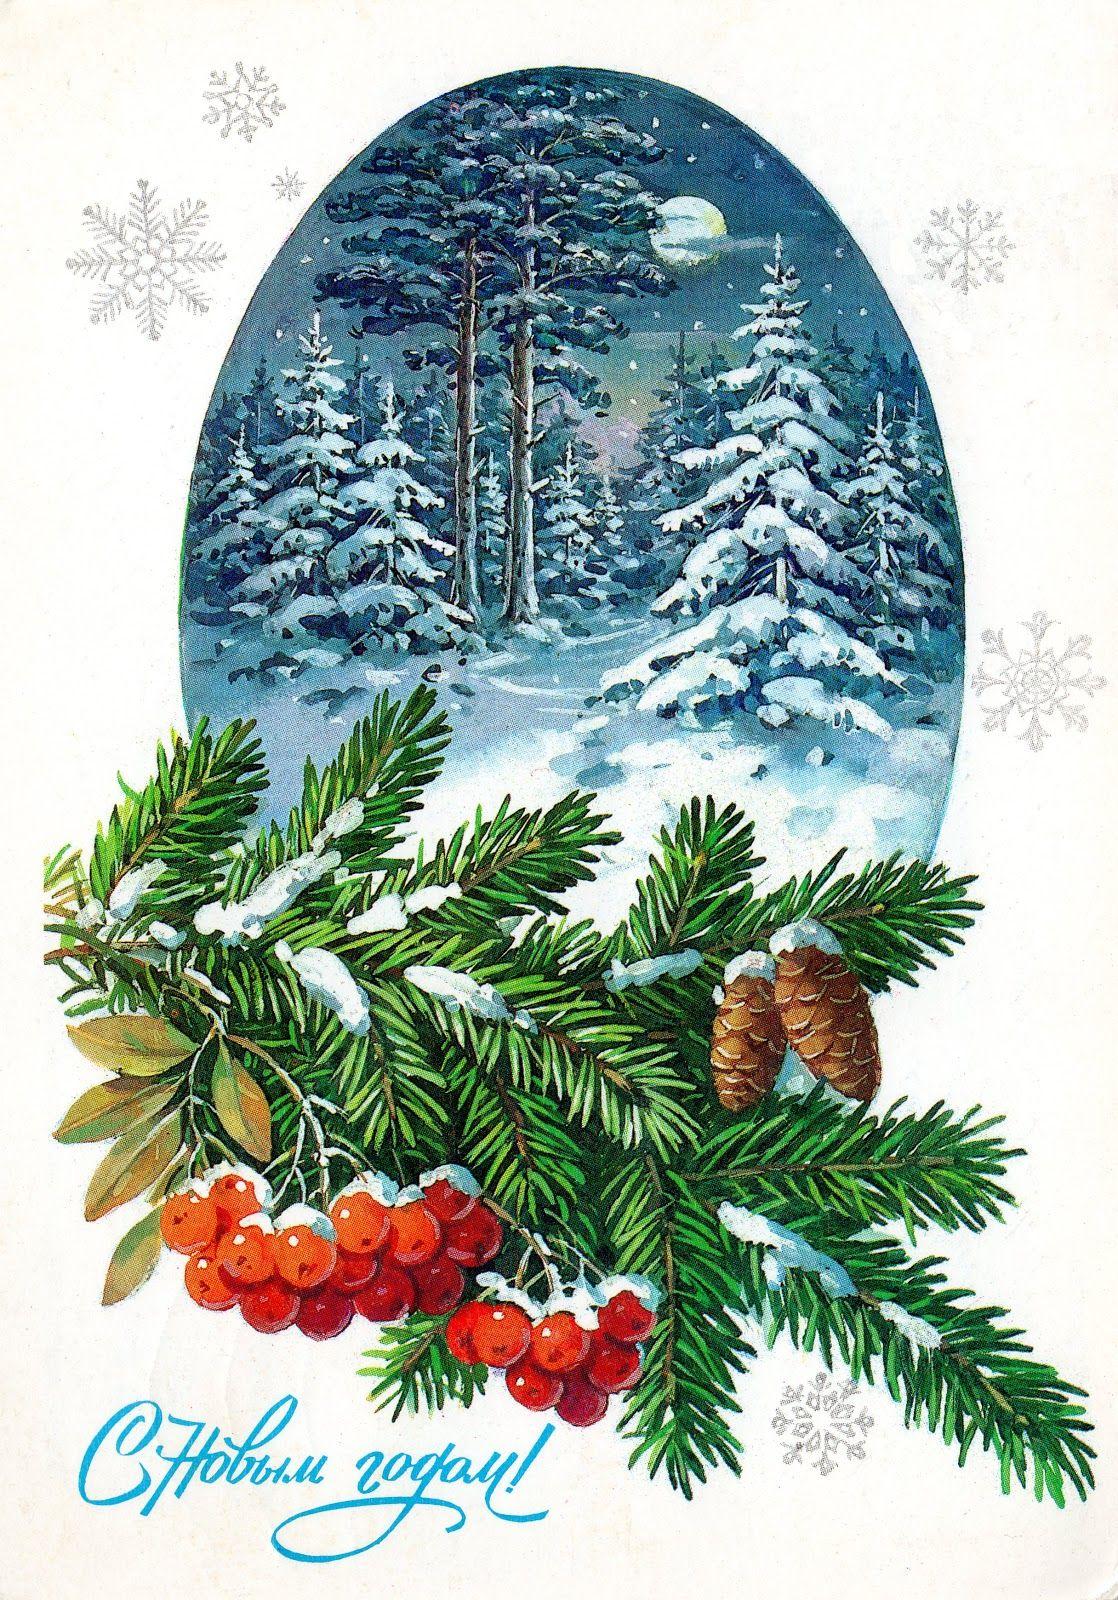 Изображения открыток новый год